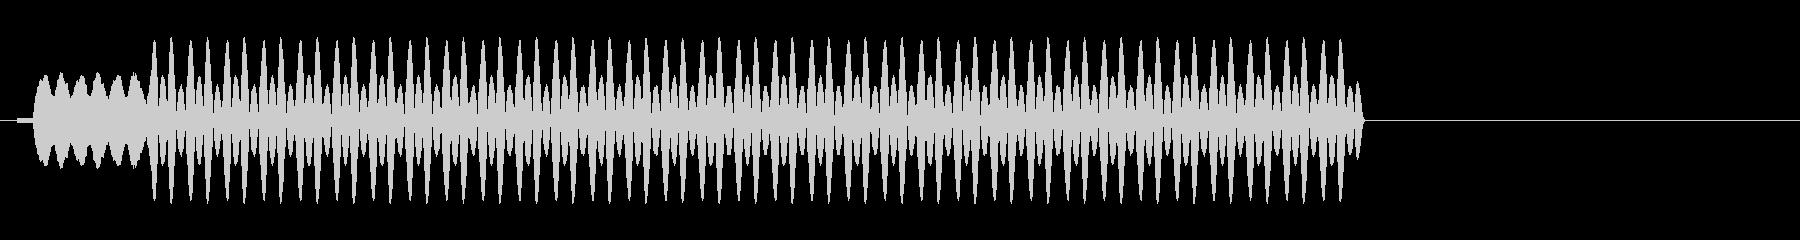 パチンコ用効果音の未再生の波形